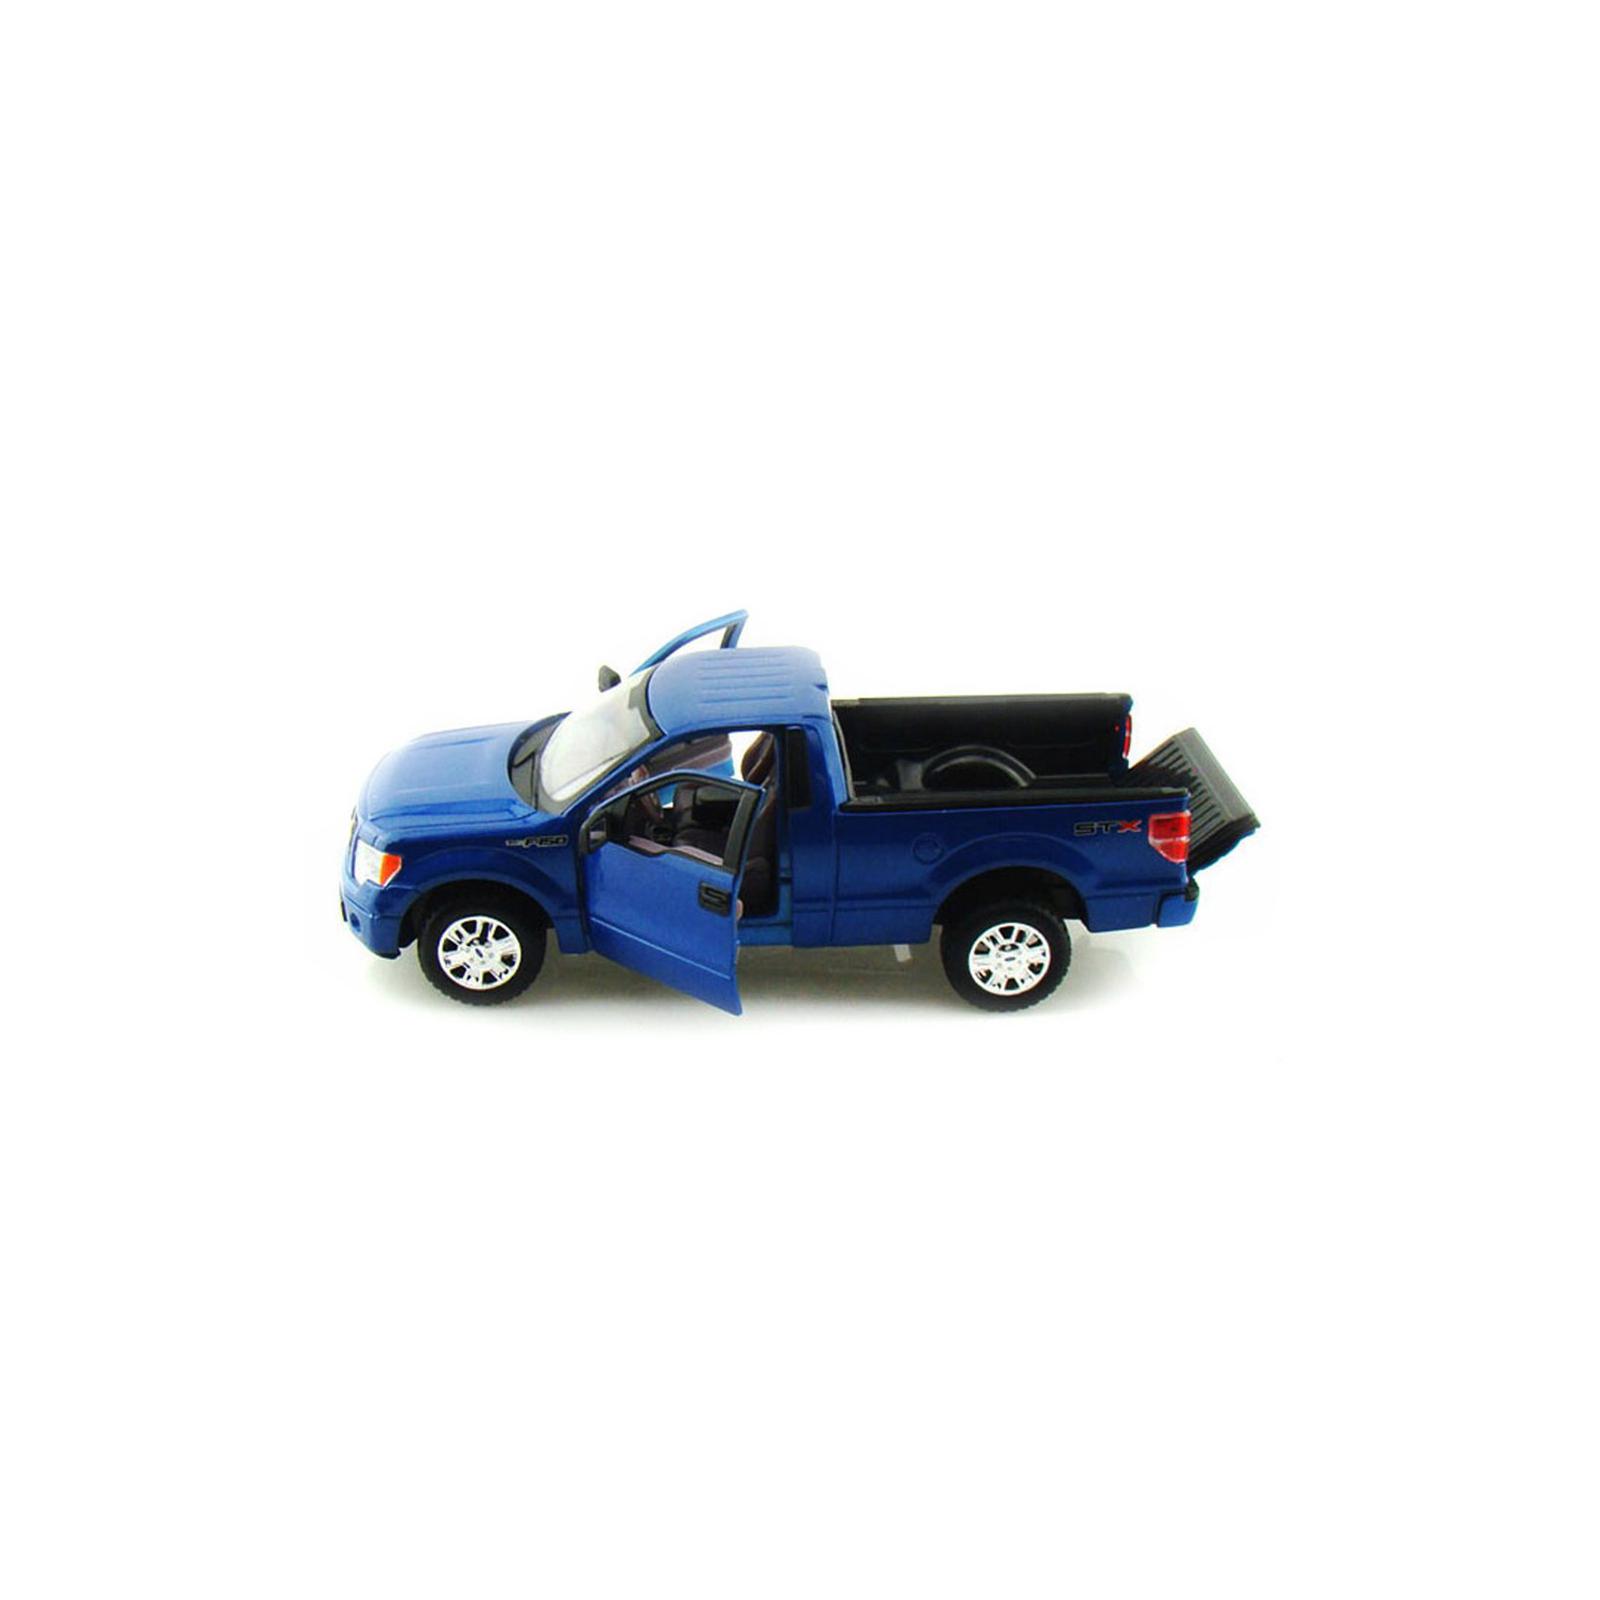 Машина Maisto Ford F-150 STX (1:27) синий металлик (31270 met. blue) изображение 3